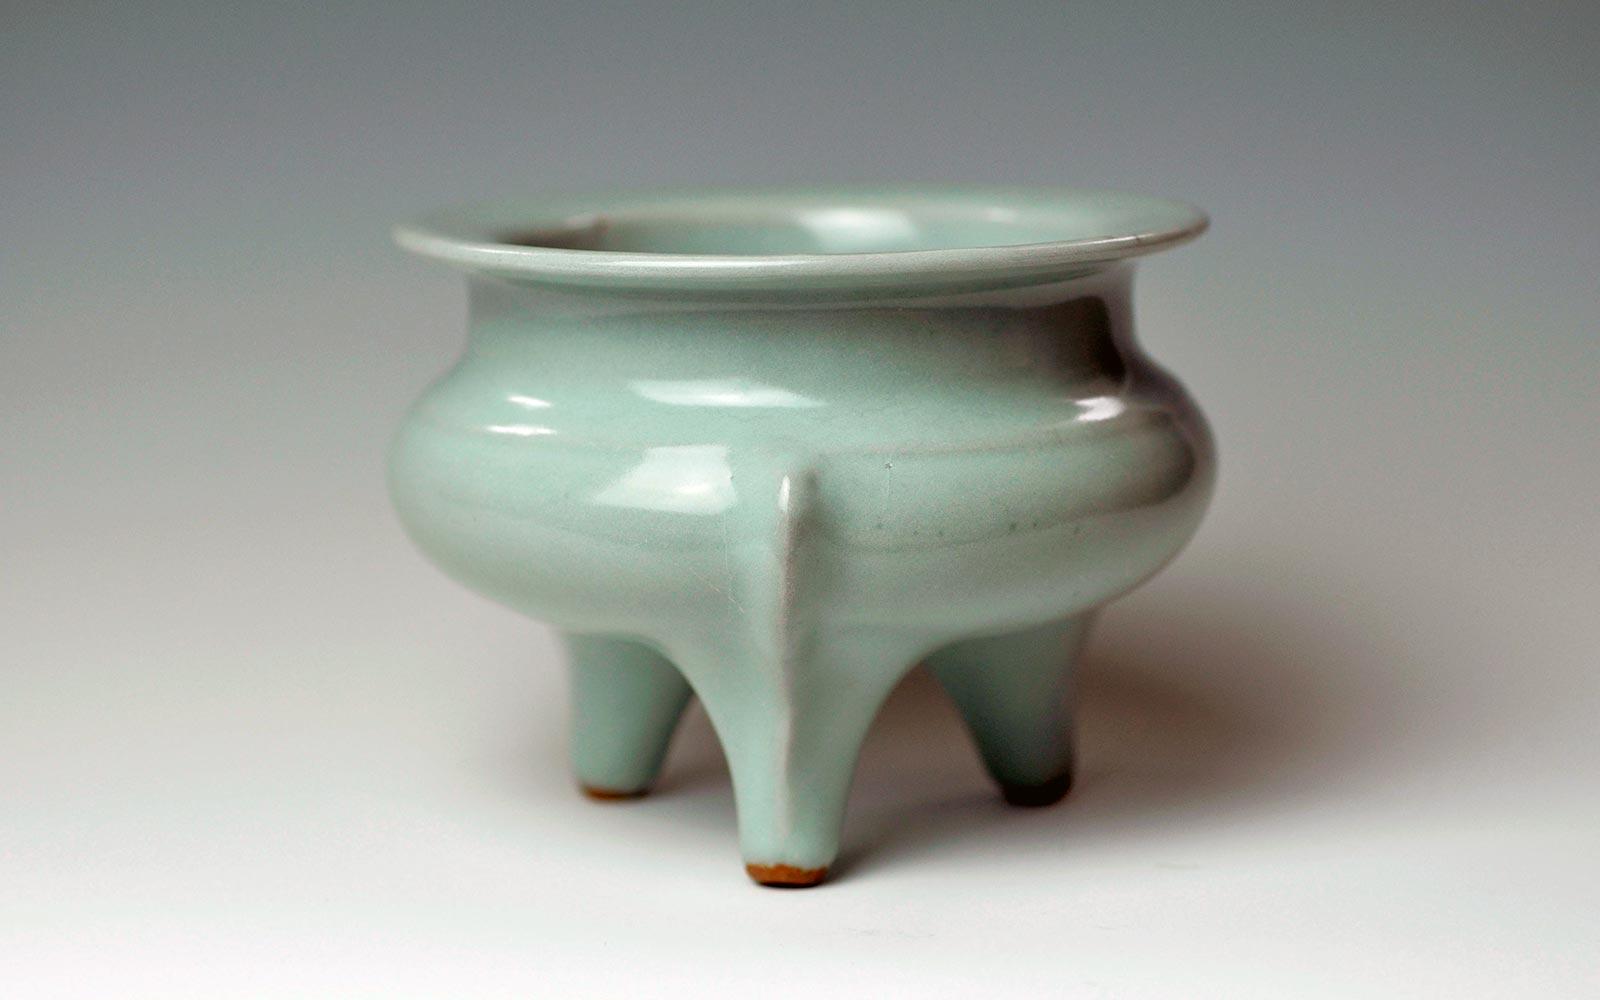 南宋 龍泉窯鬲式爐 Longquan Ware Tripod Incense Burner, Southern Song Dynasty (1128-1279 CE), h9xd12.9cm